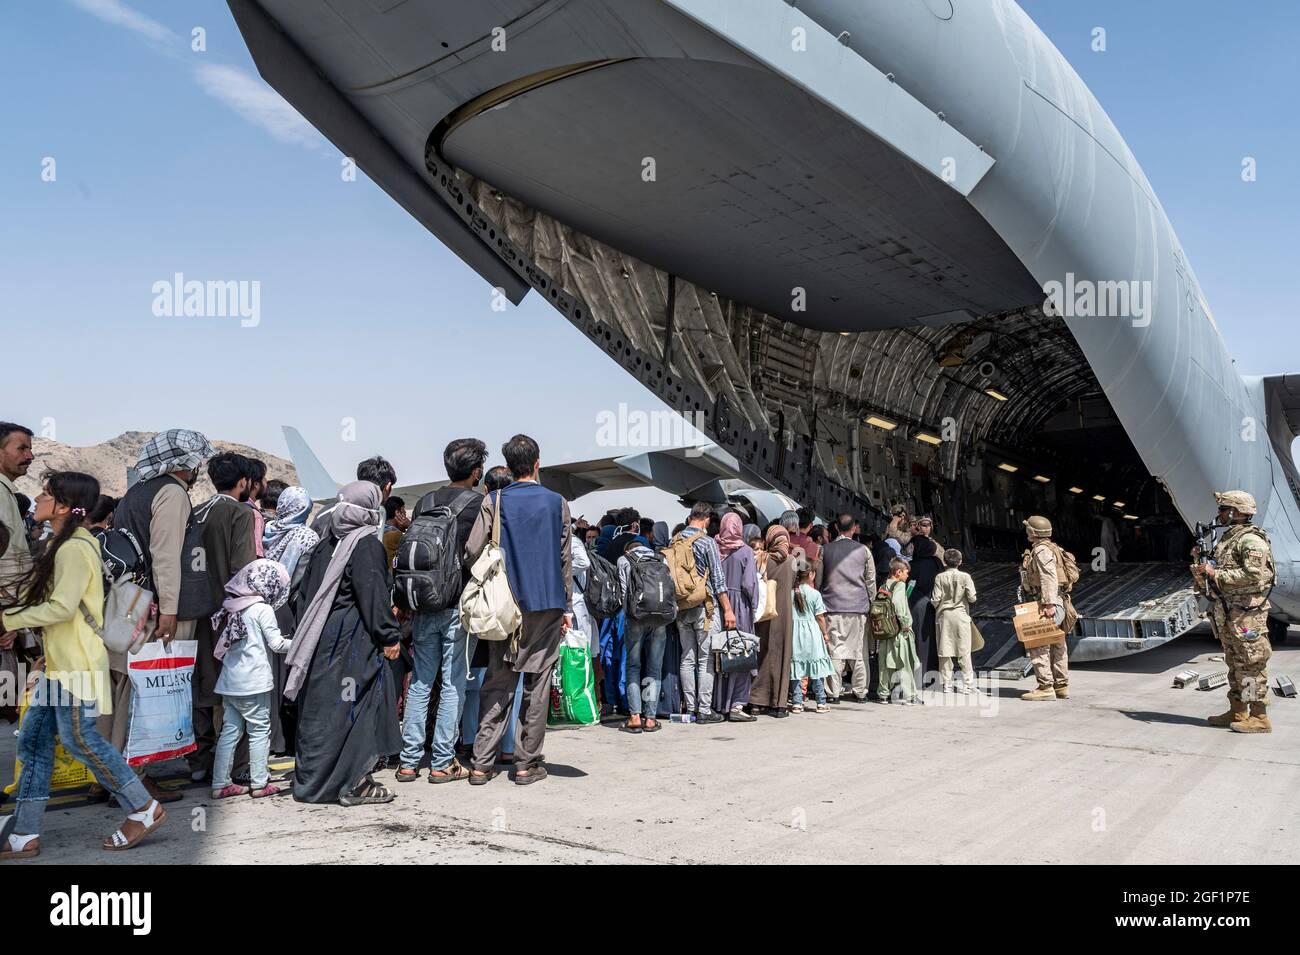 U.S. Airmen und U.S. Marines leiten qualifizierte Evakuierte an Bord einer US Air Force C-17 Globemaster III zur Unterstützung der Evakuierung in Afghanistan am Hamid Karzai International Airport (HKIA), Afghanistan, 21. August 2021. Das Verteidigungsministerium hat sich verpflichtet, das US-Außenministerium beim Ausscheiden von US-amerikanischem und alliiertem Zivilpersonal aus Afghanistan zu unterstützen und die afghanischen Verbündeten in Sicherheit zu bringen. (USA Luftwaffe Foto von Senior Airman Brennen Lege) Stockfoto